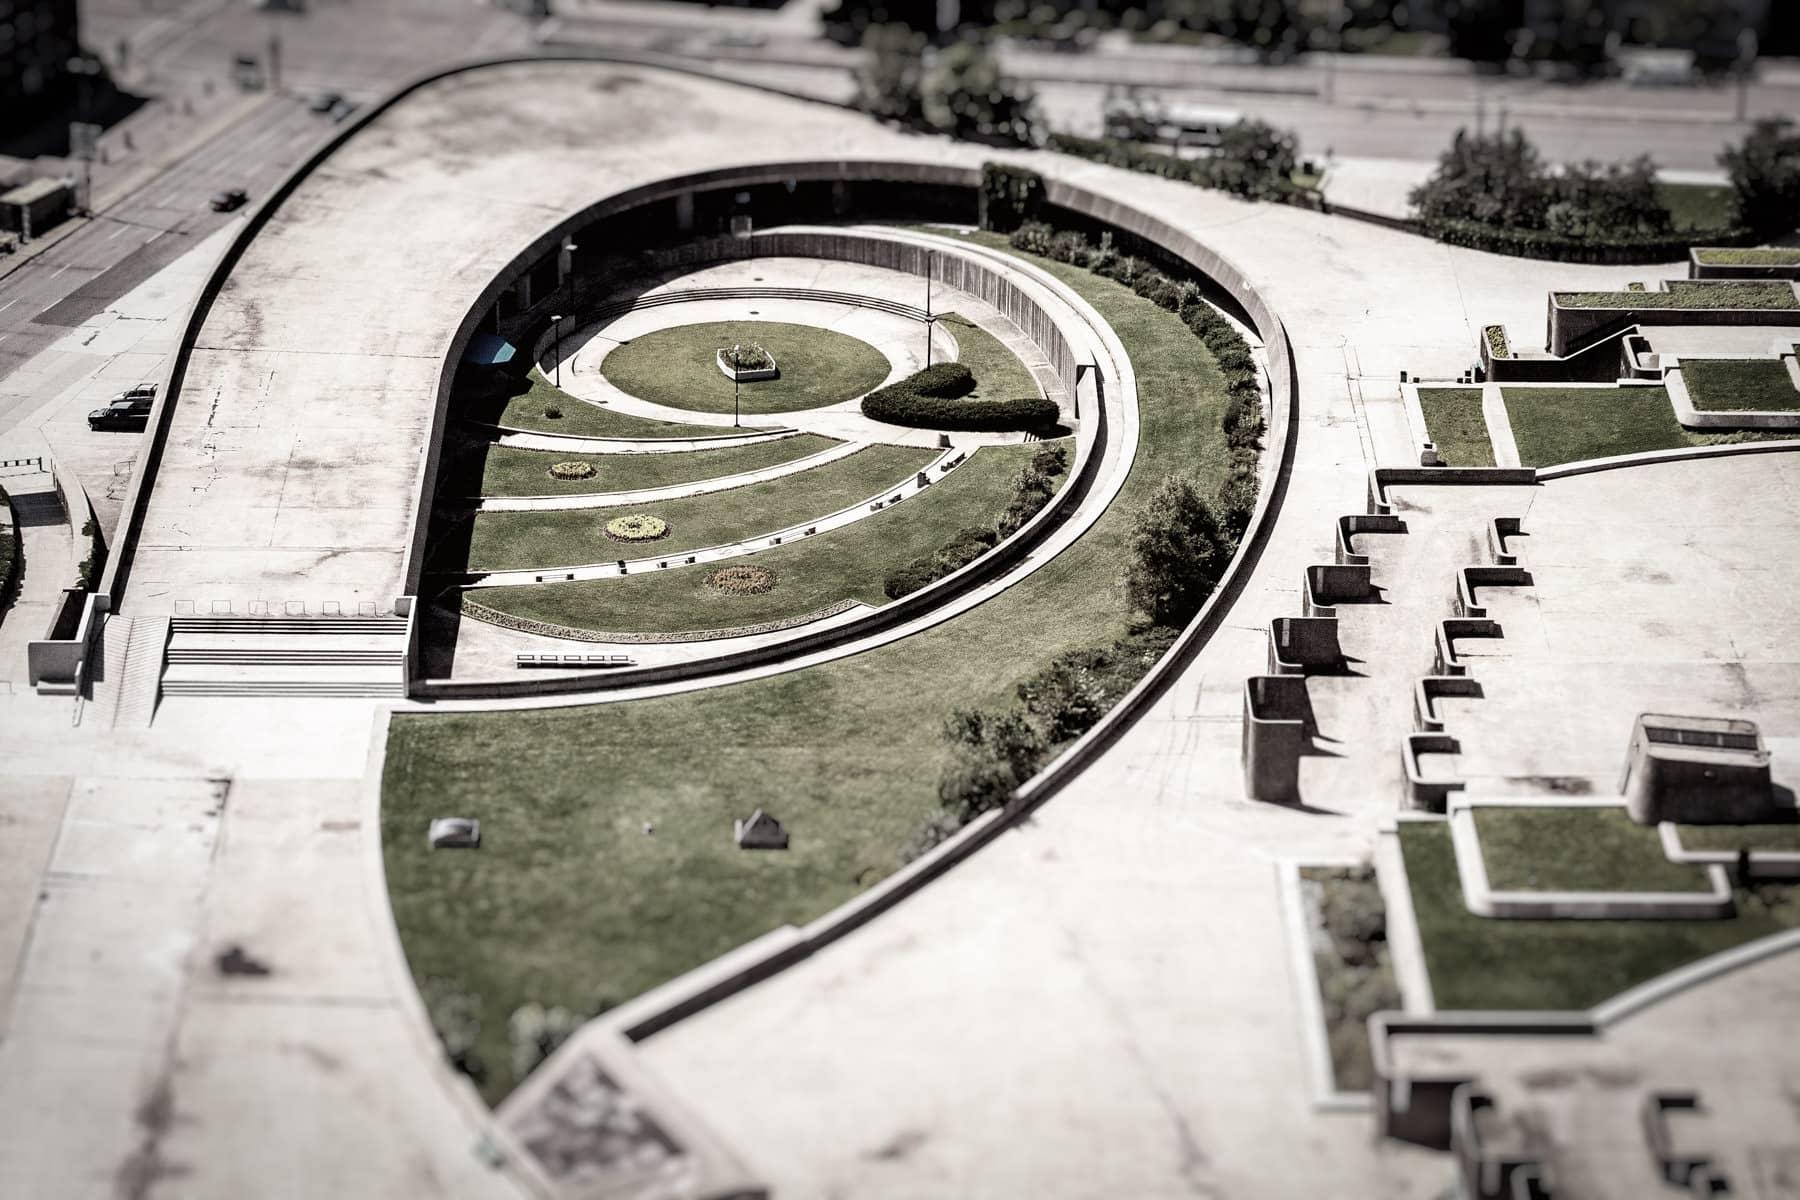 Detail of the grounds of the Stade olympique de Montréal as seen from La tour de Montréal.